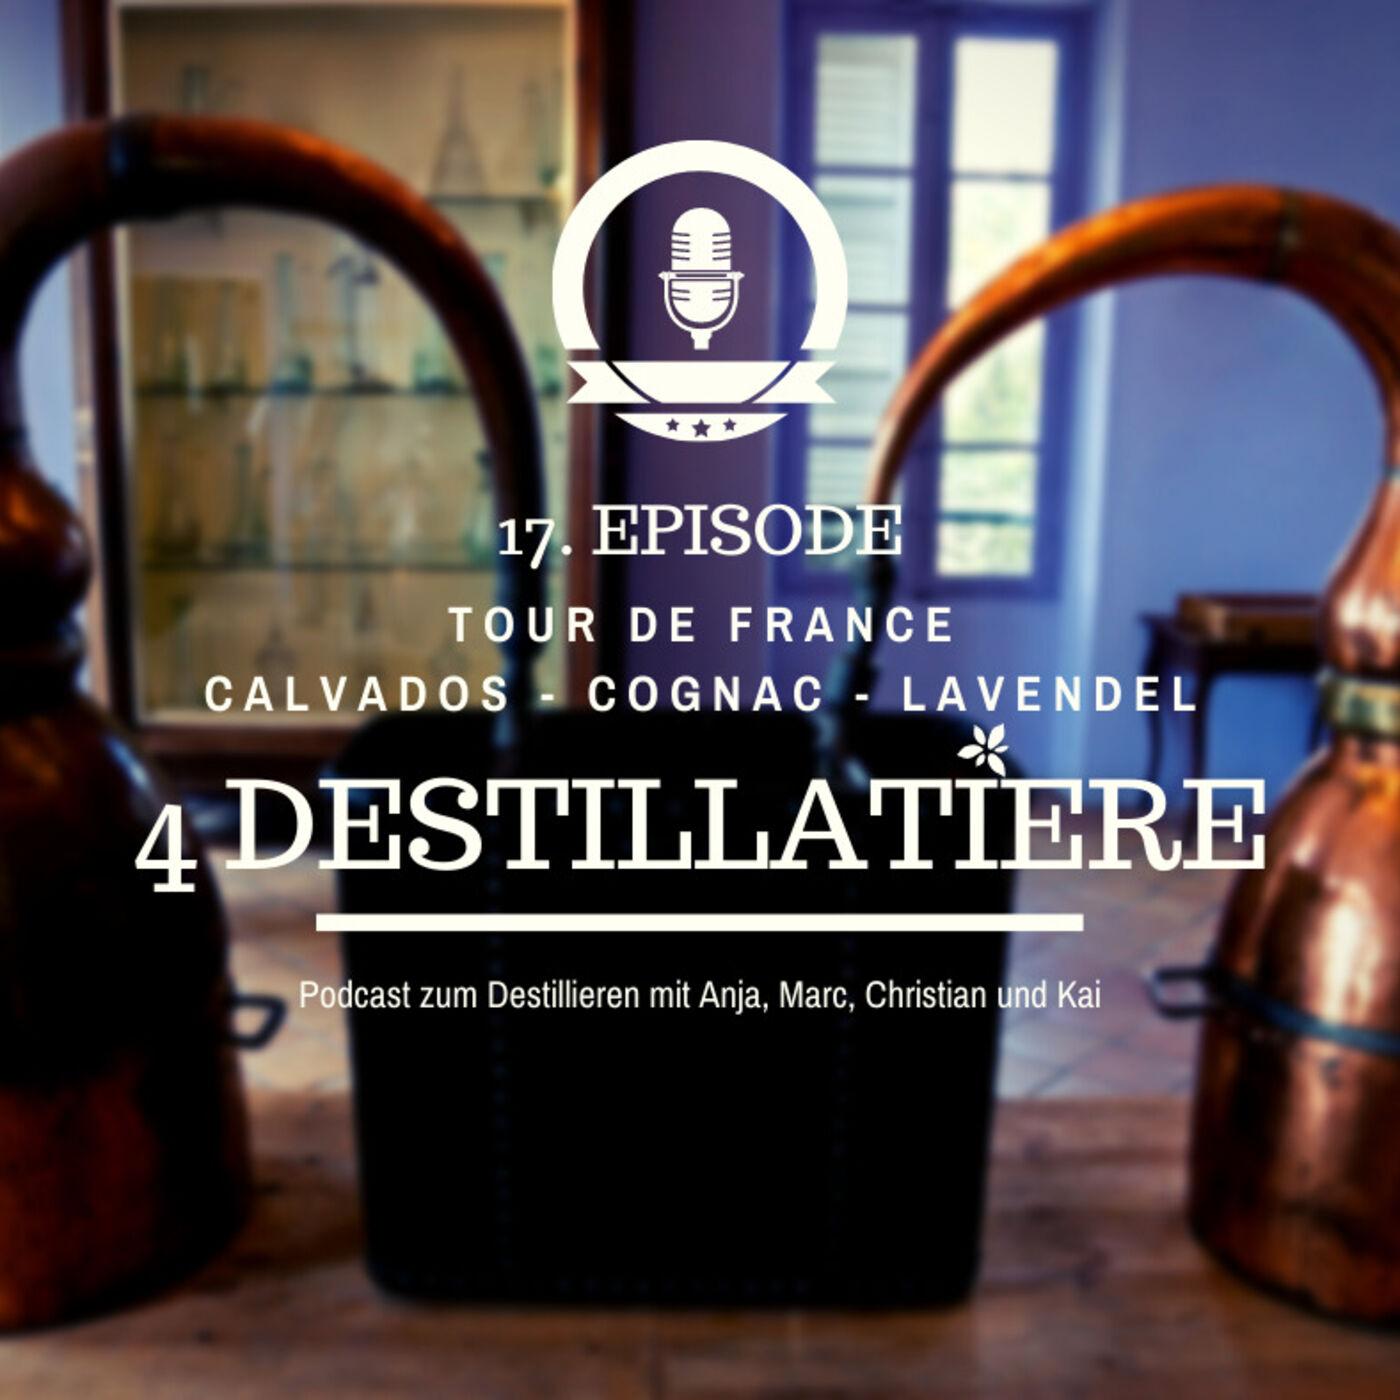 4D 017: Tour de France: Calvados - Cognac - Lavendel